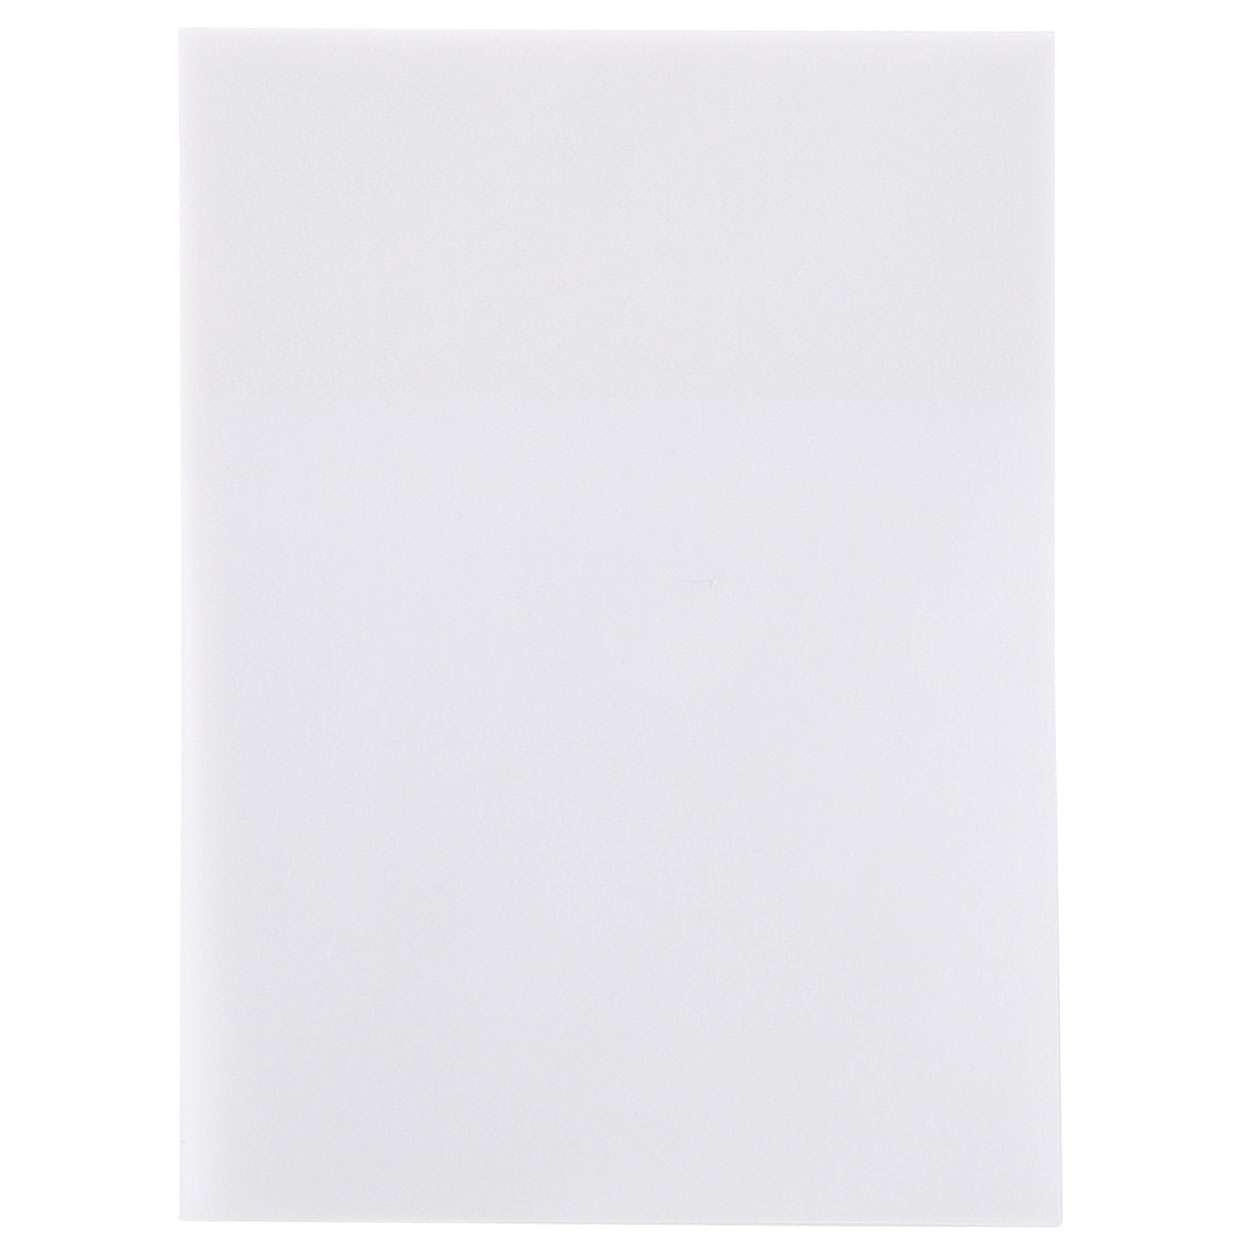 貼ったまま読める透明付箋紙 約70×95mm・20枚 | 無印良品ネットストア